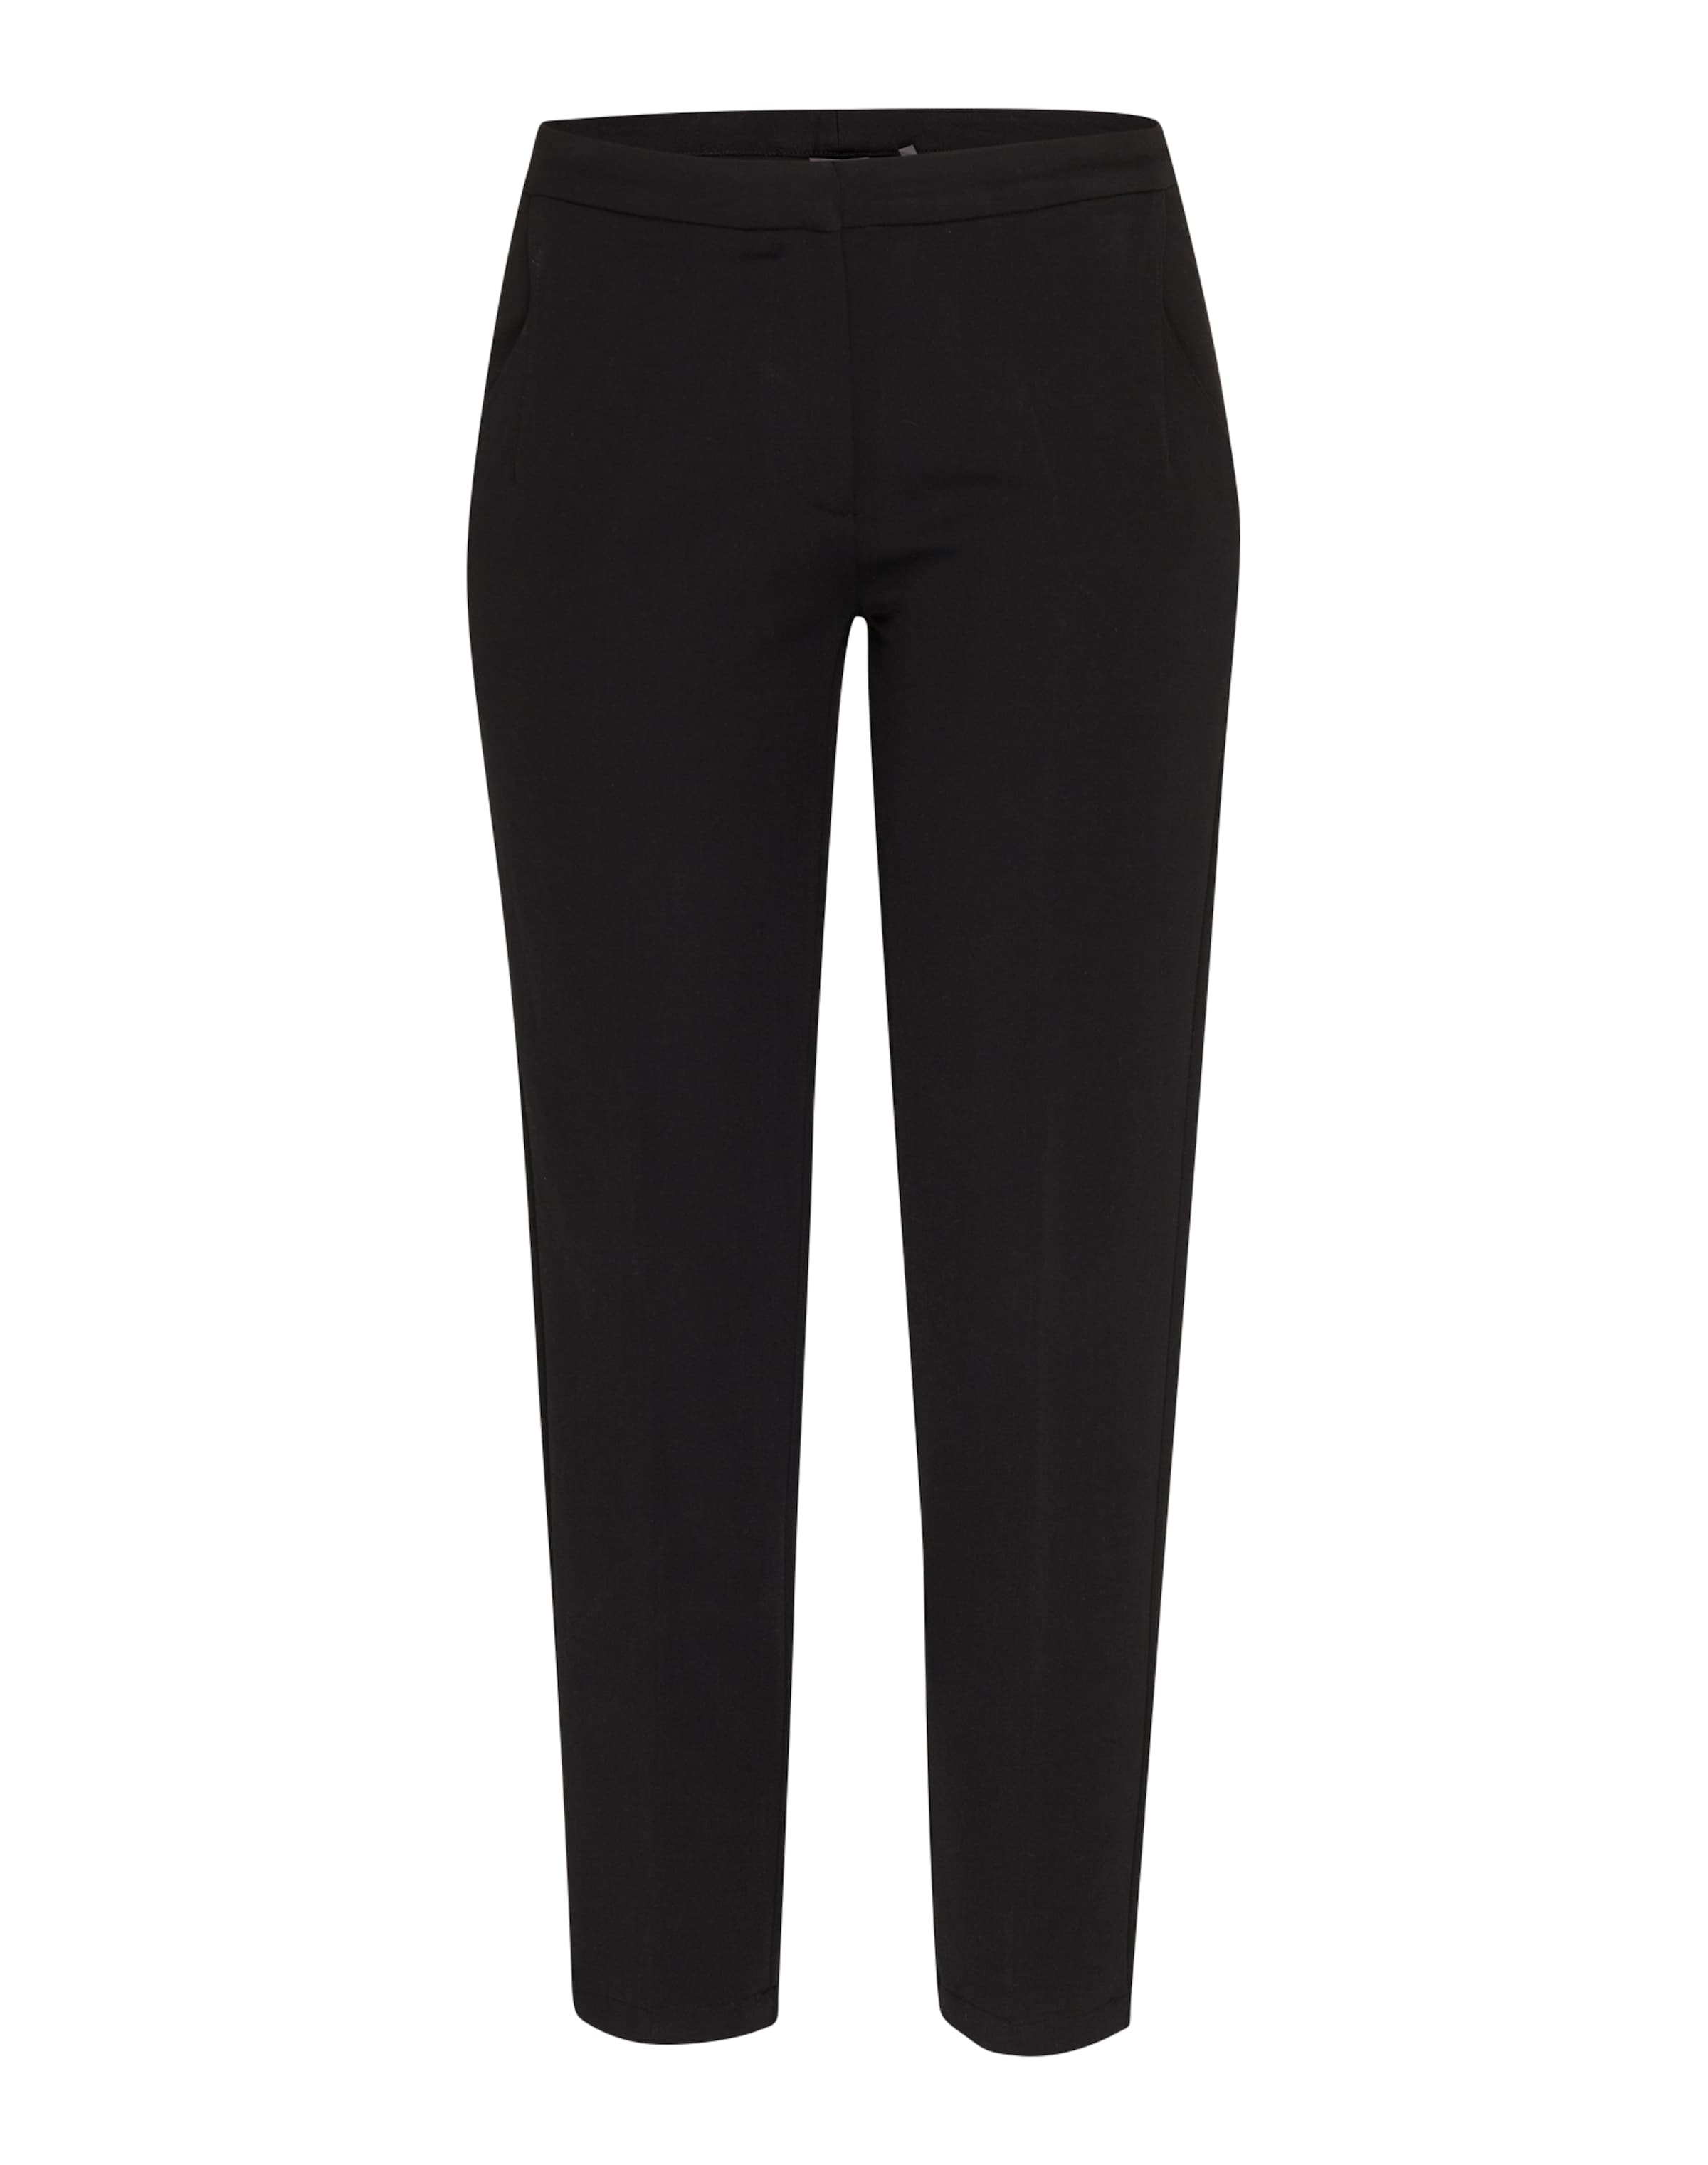 'halle' Pince Pantalon En À Noir Minimum nv8wOmN0